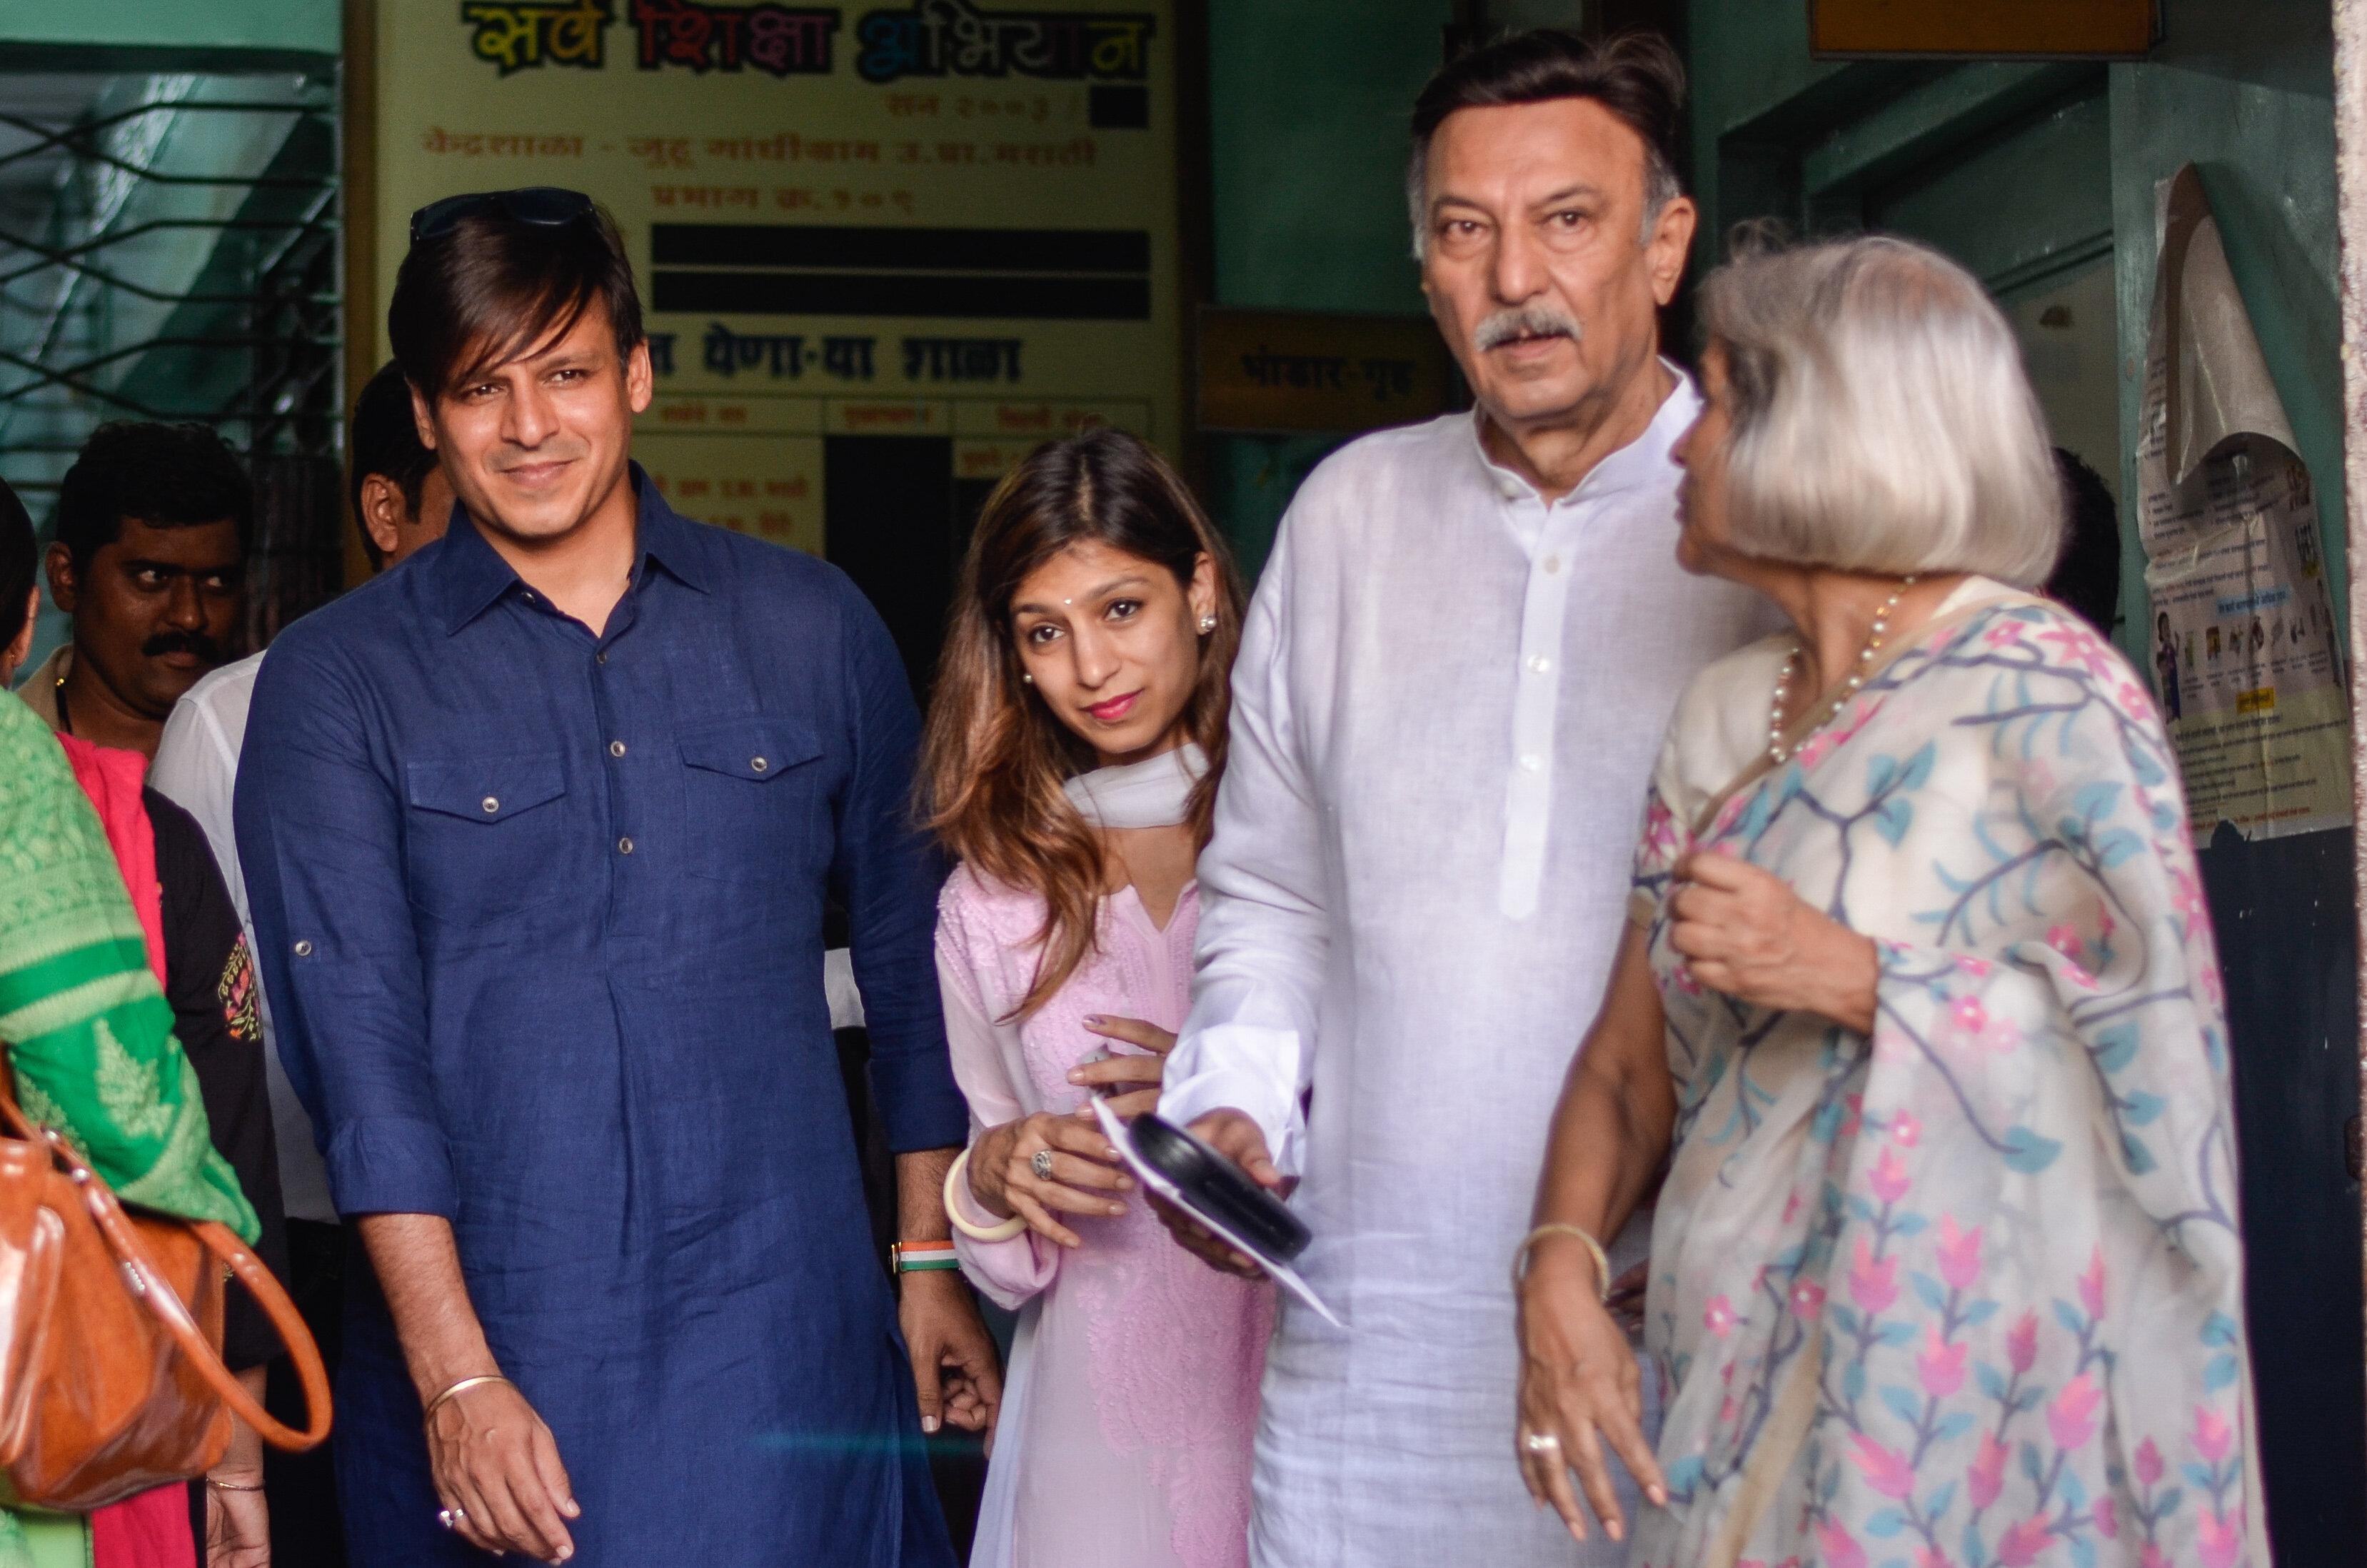 Vivek Oberoi Apologises For Aishwarya Rai Meme While Bragging About 'Empowering'